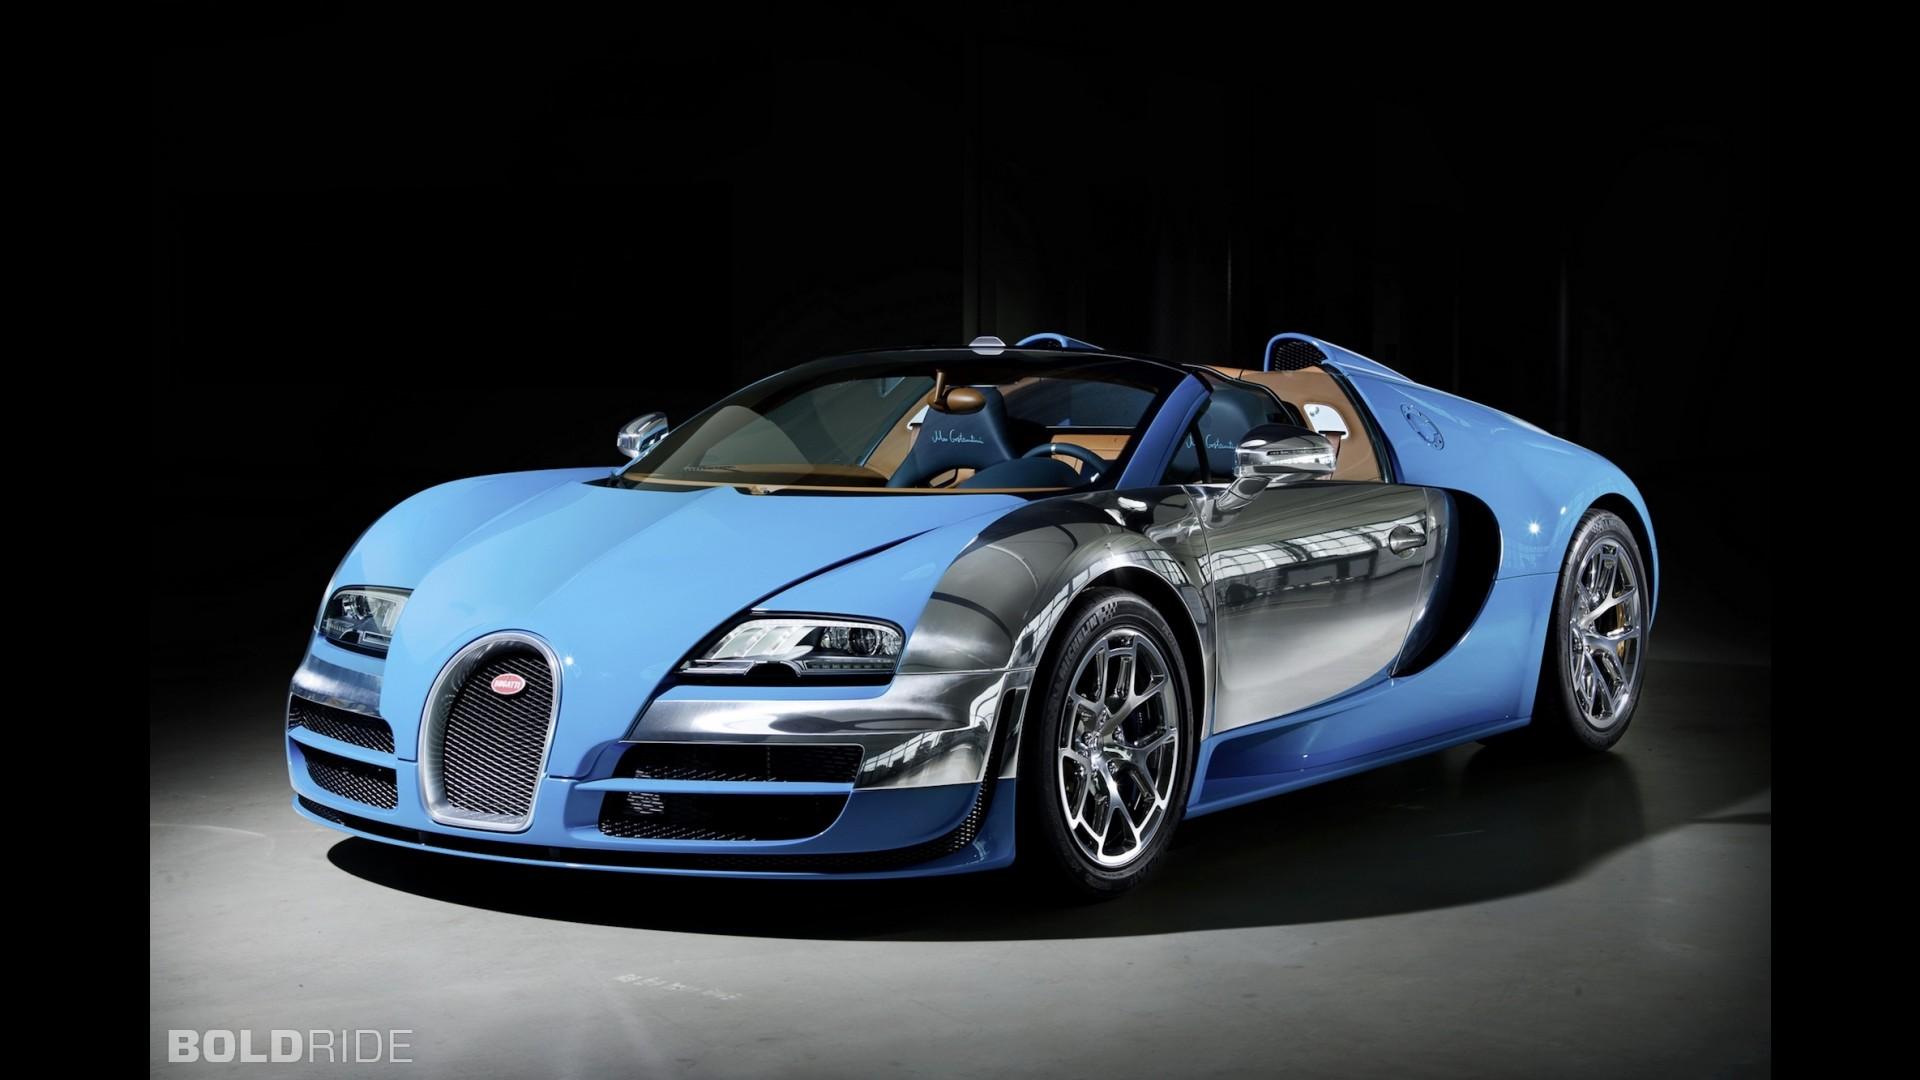 bugatti-veyron-grand-sport-vitesse-legend-meo-constantini-special-edition Terrific Bugatti Veyron 16.4 Grand Sport Vitesse Prix Cars Trend